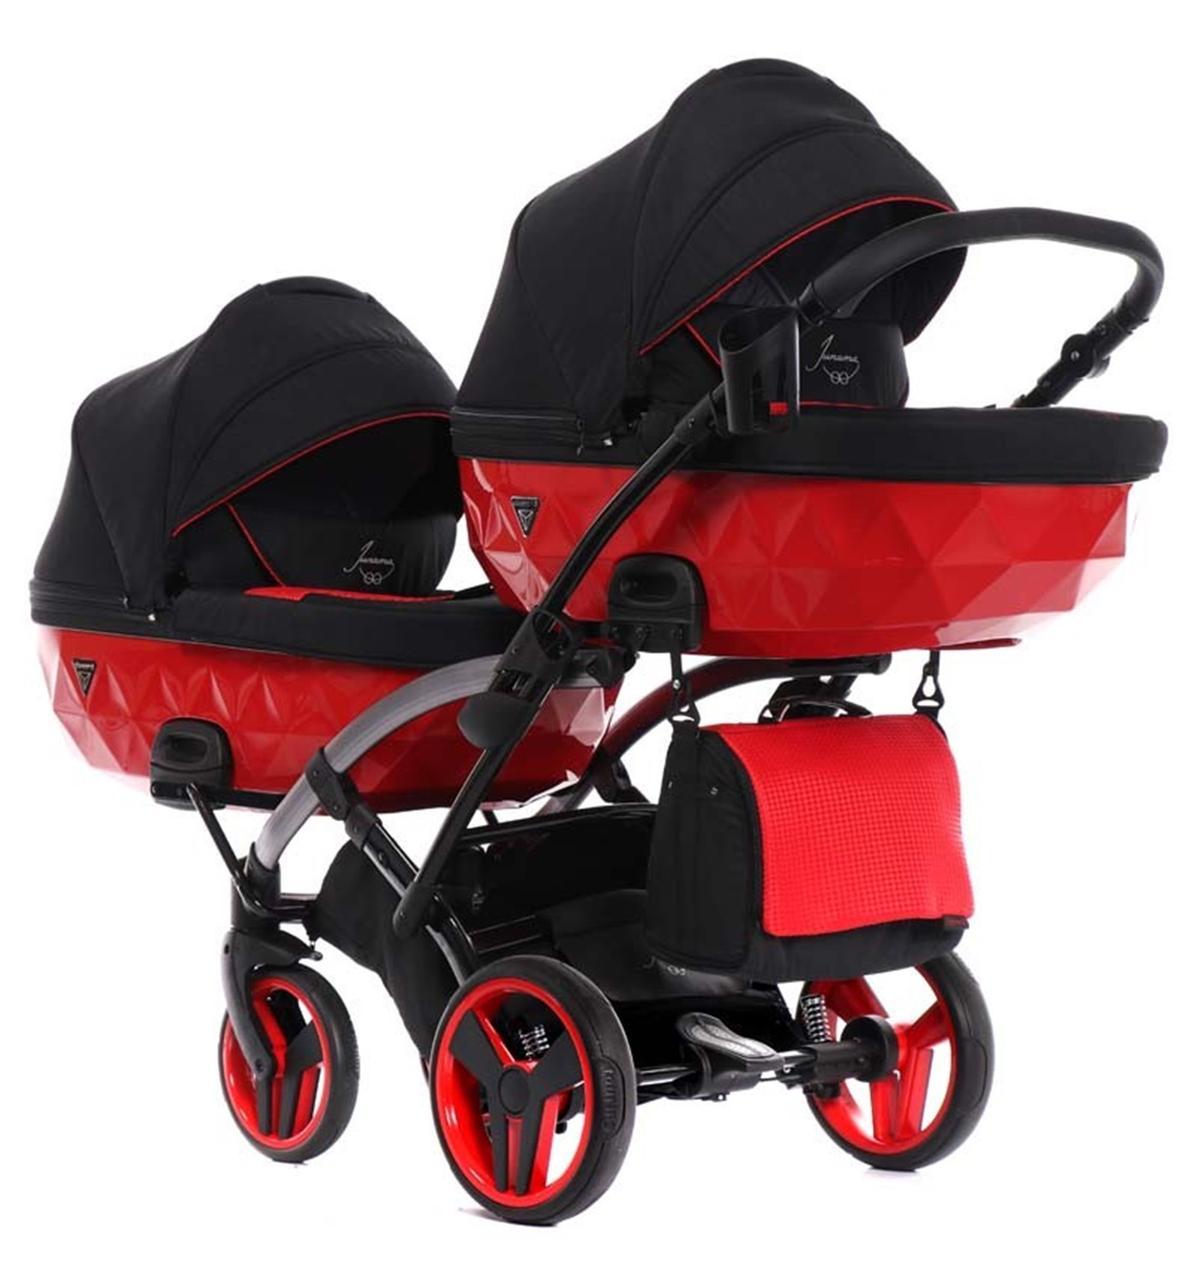 Універсальна коляска для двійні Tako Junama Diamond S-Line Red Duo Slim